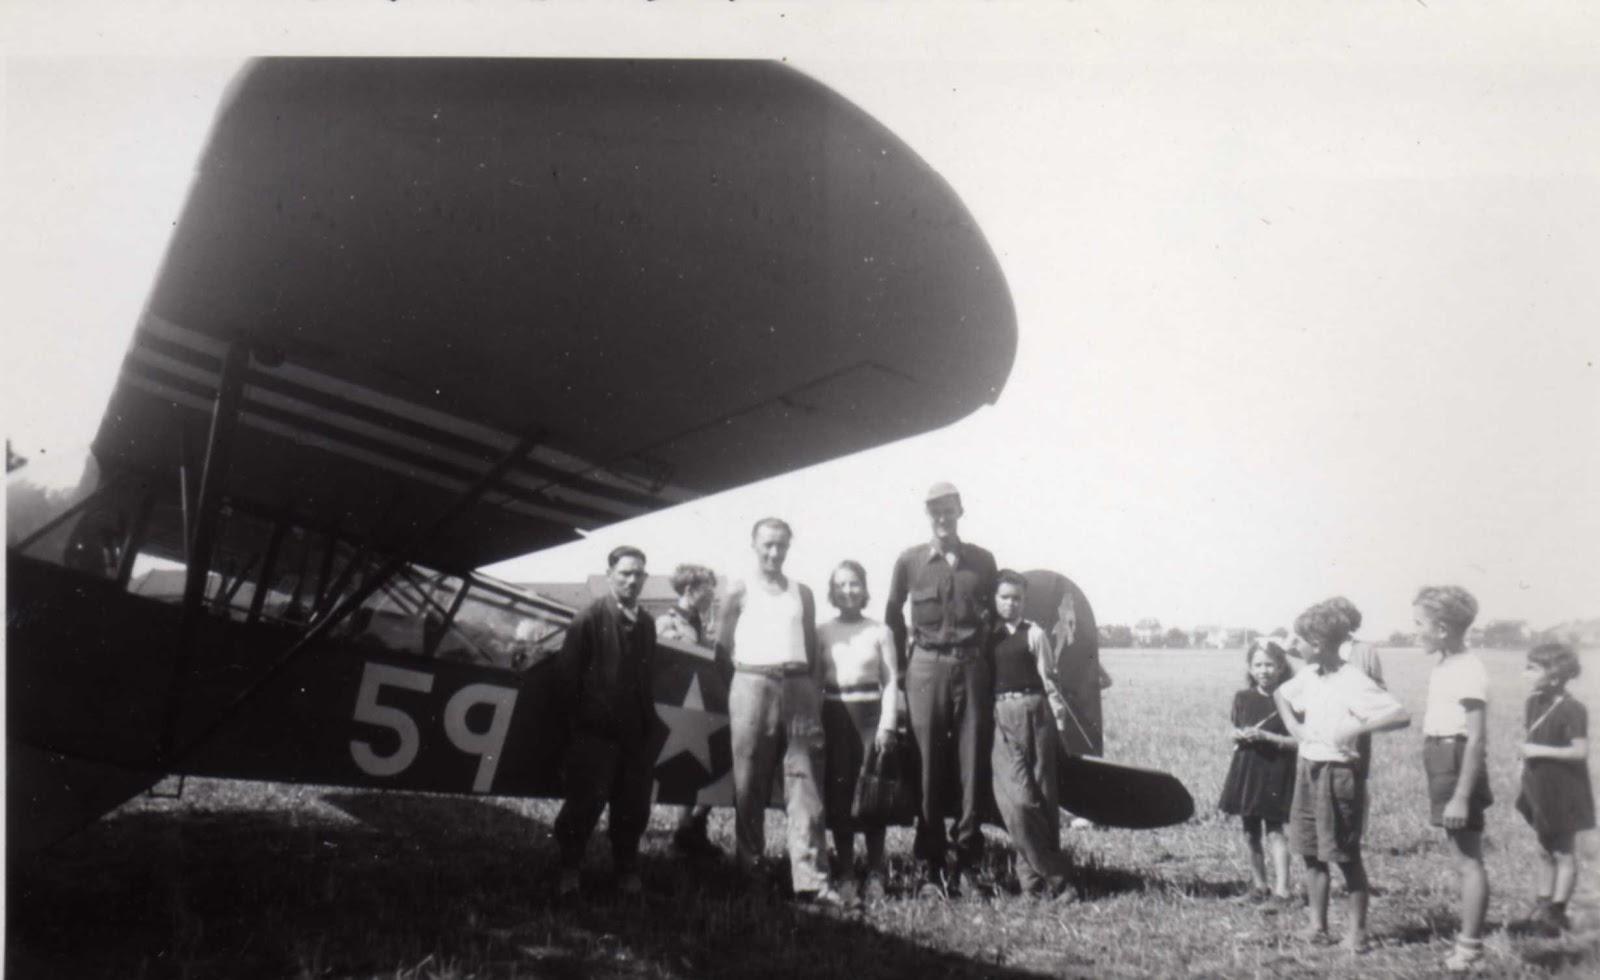 Piper L - 4 in Normandy